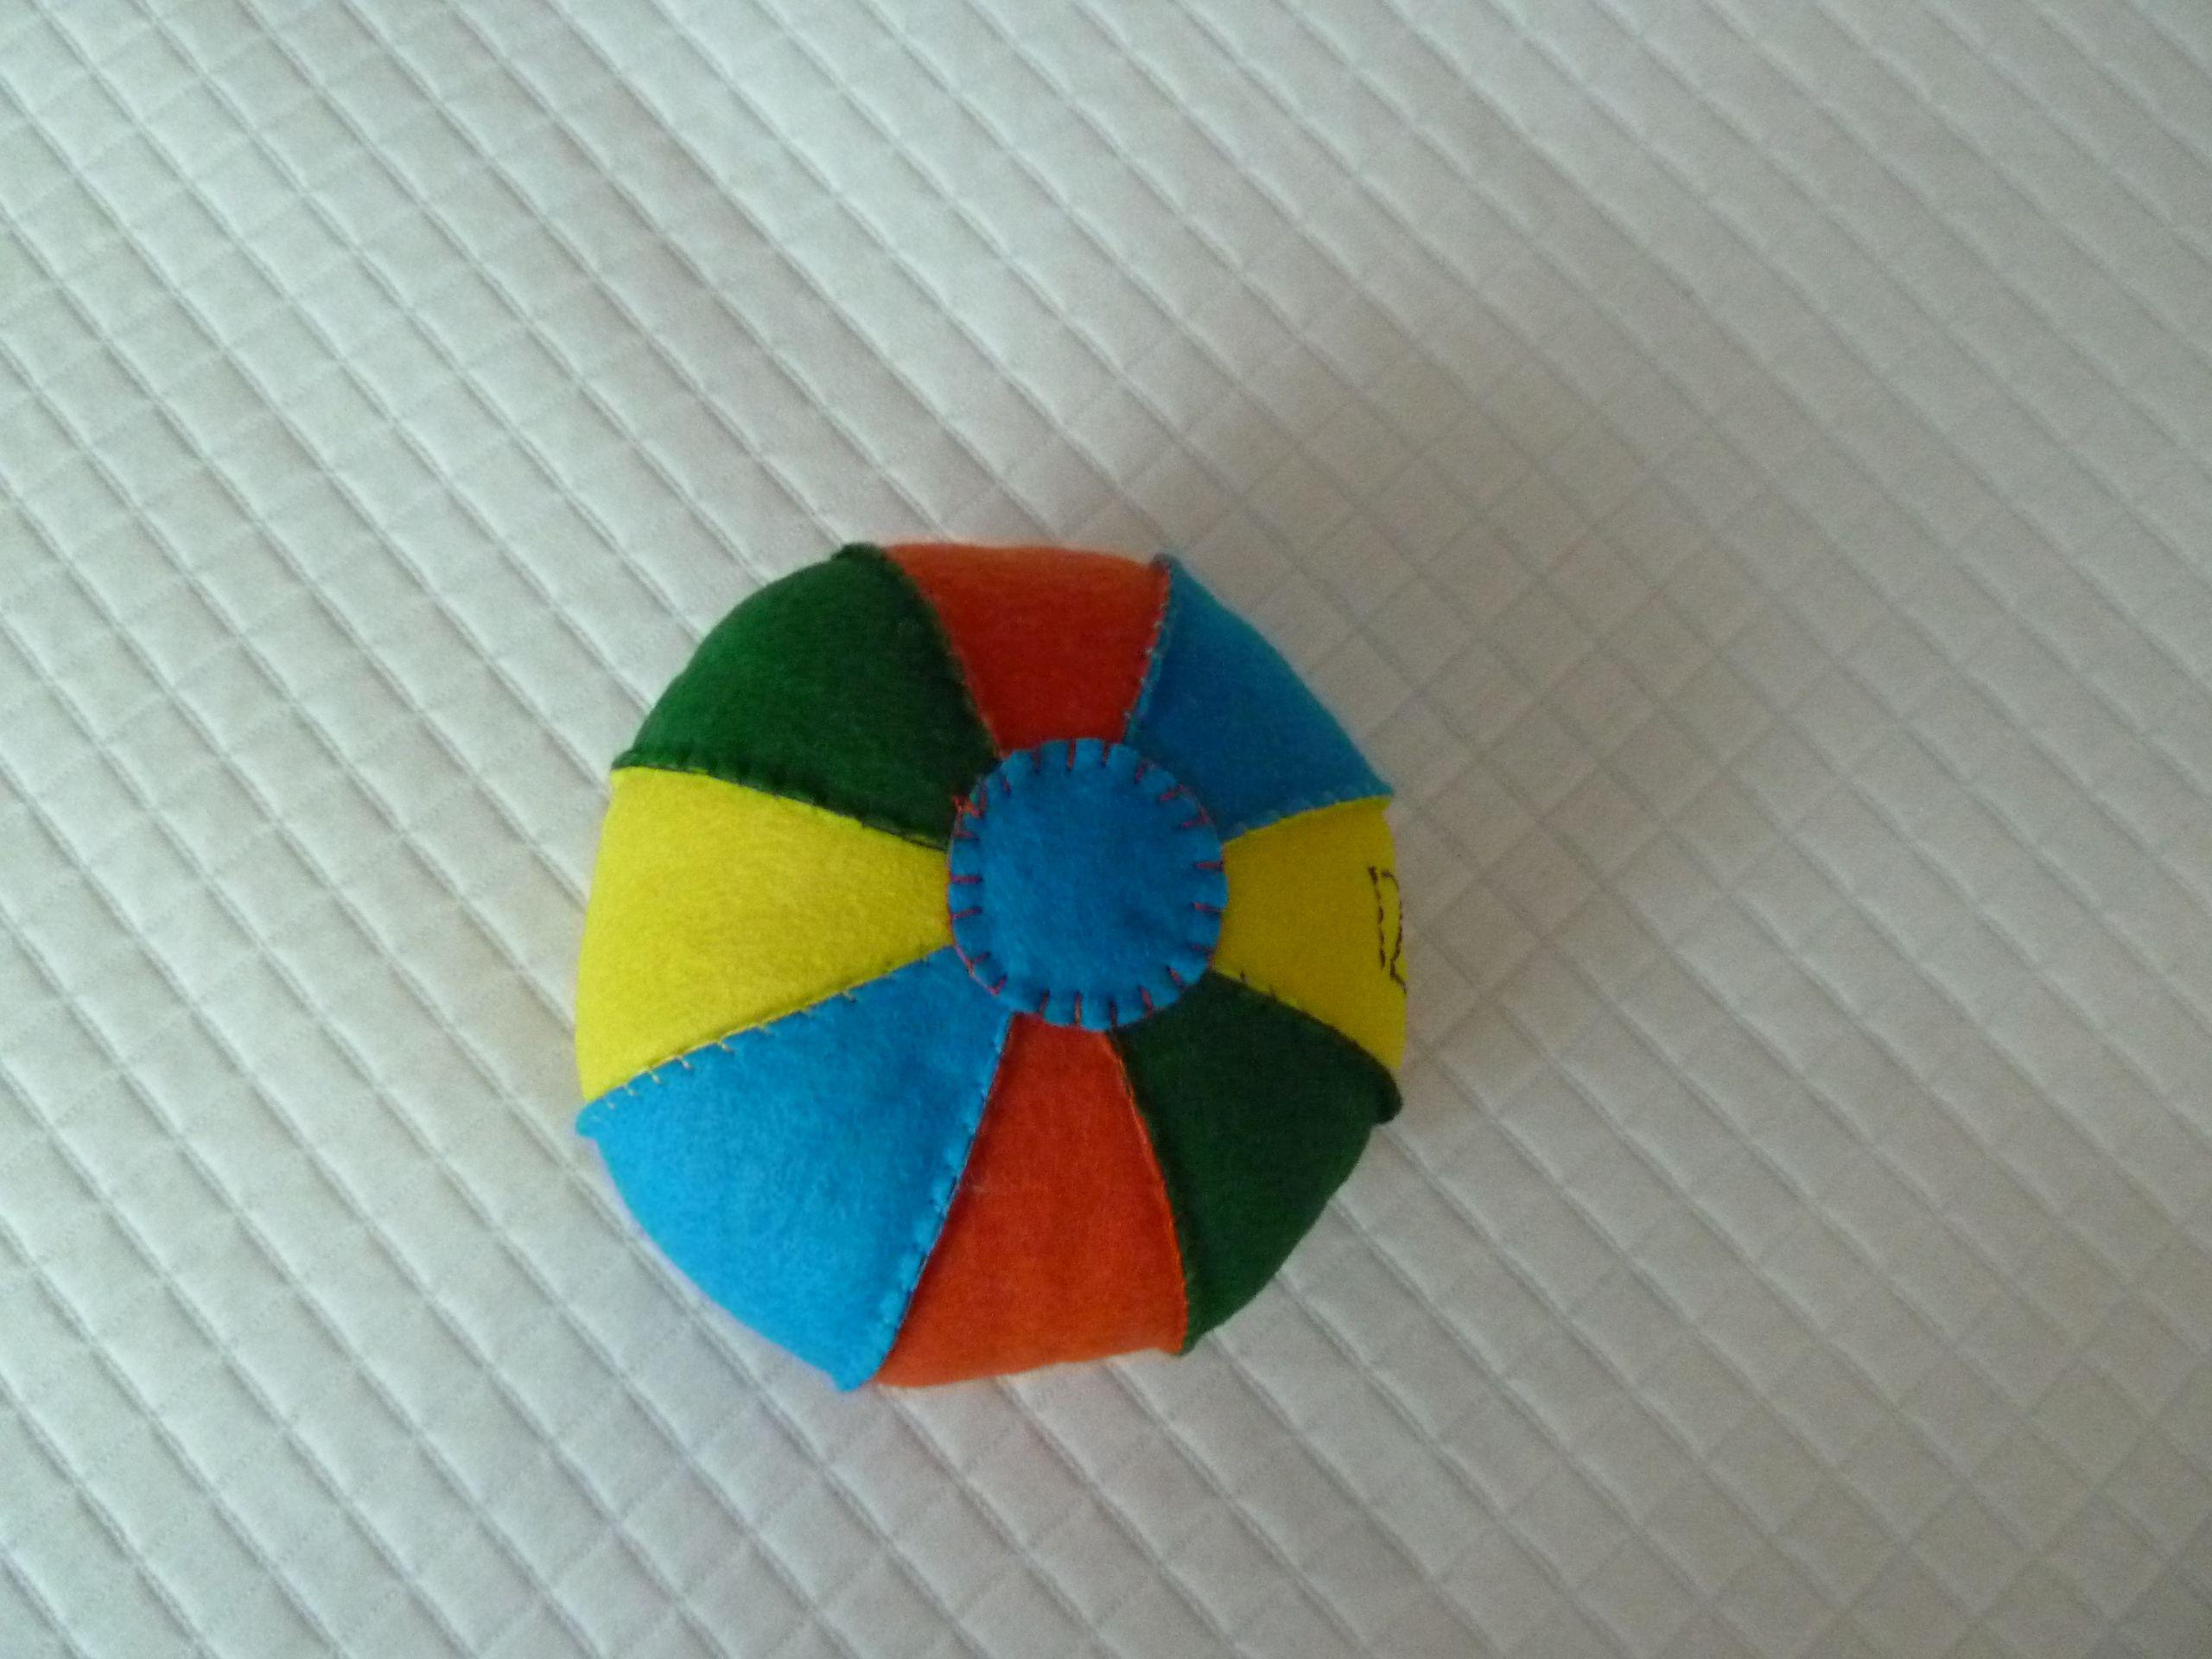 pelota de fieltro con sonajero en el interior